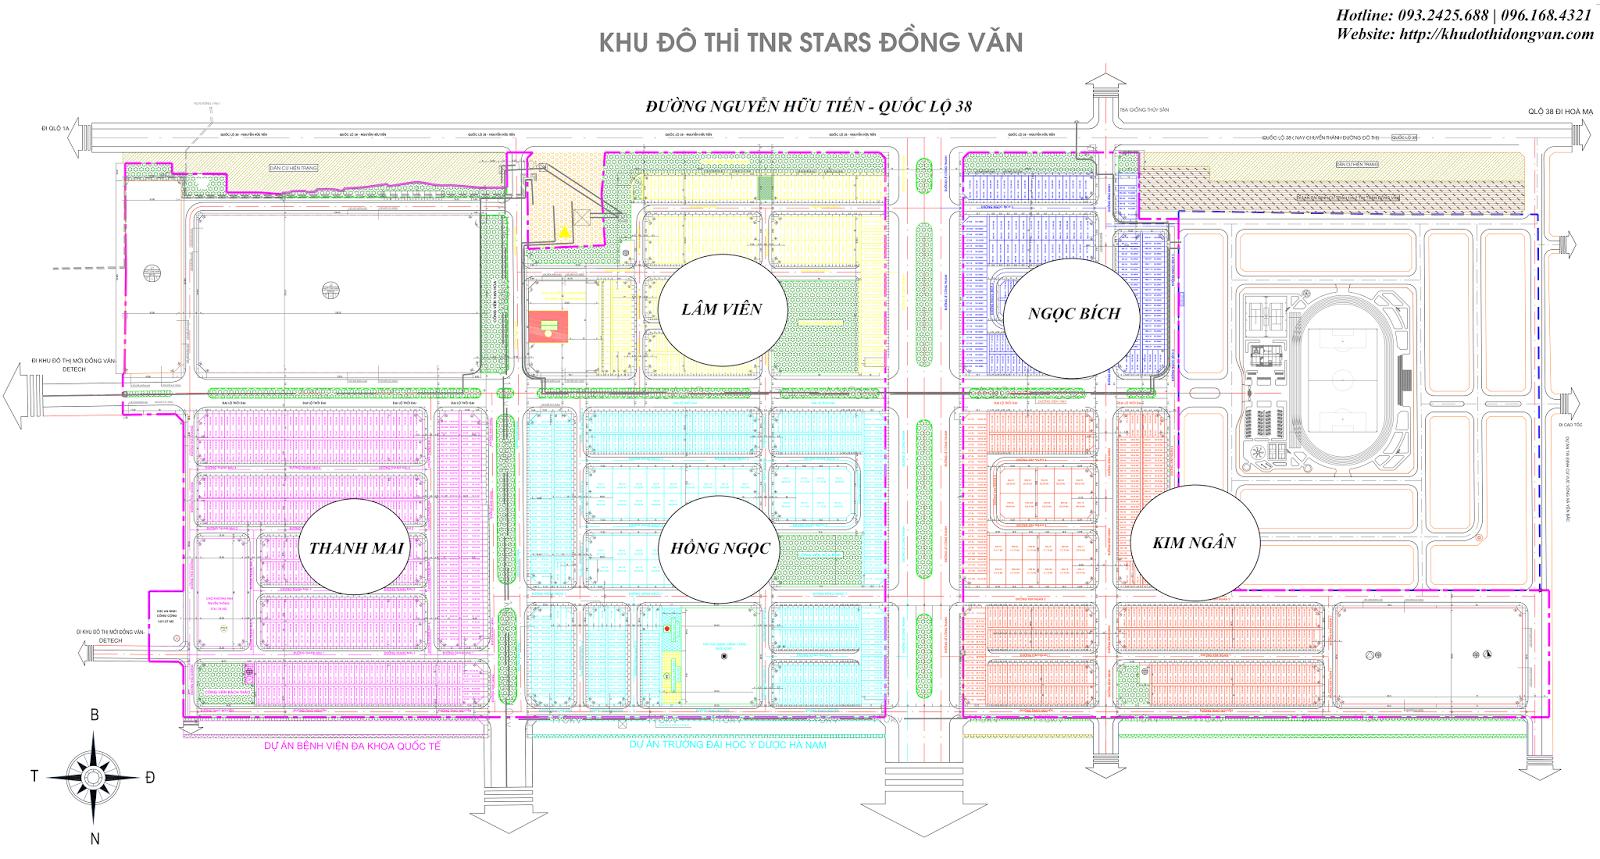 Thiết kế TNR Star Đồng Văn